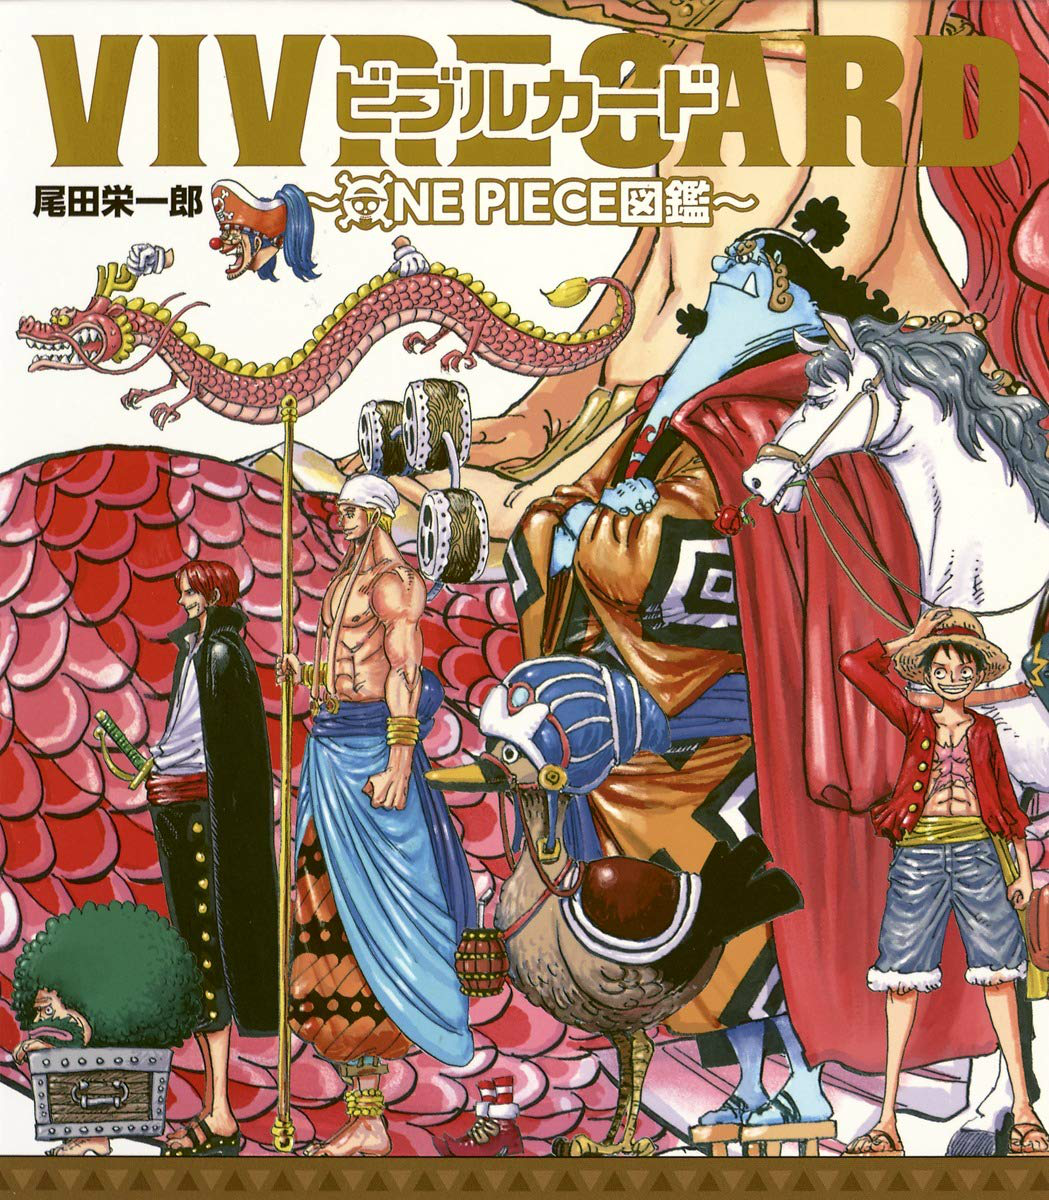 d3cb3357da1 Vivre Card - One Piece Visual Dictionary